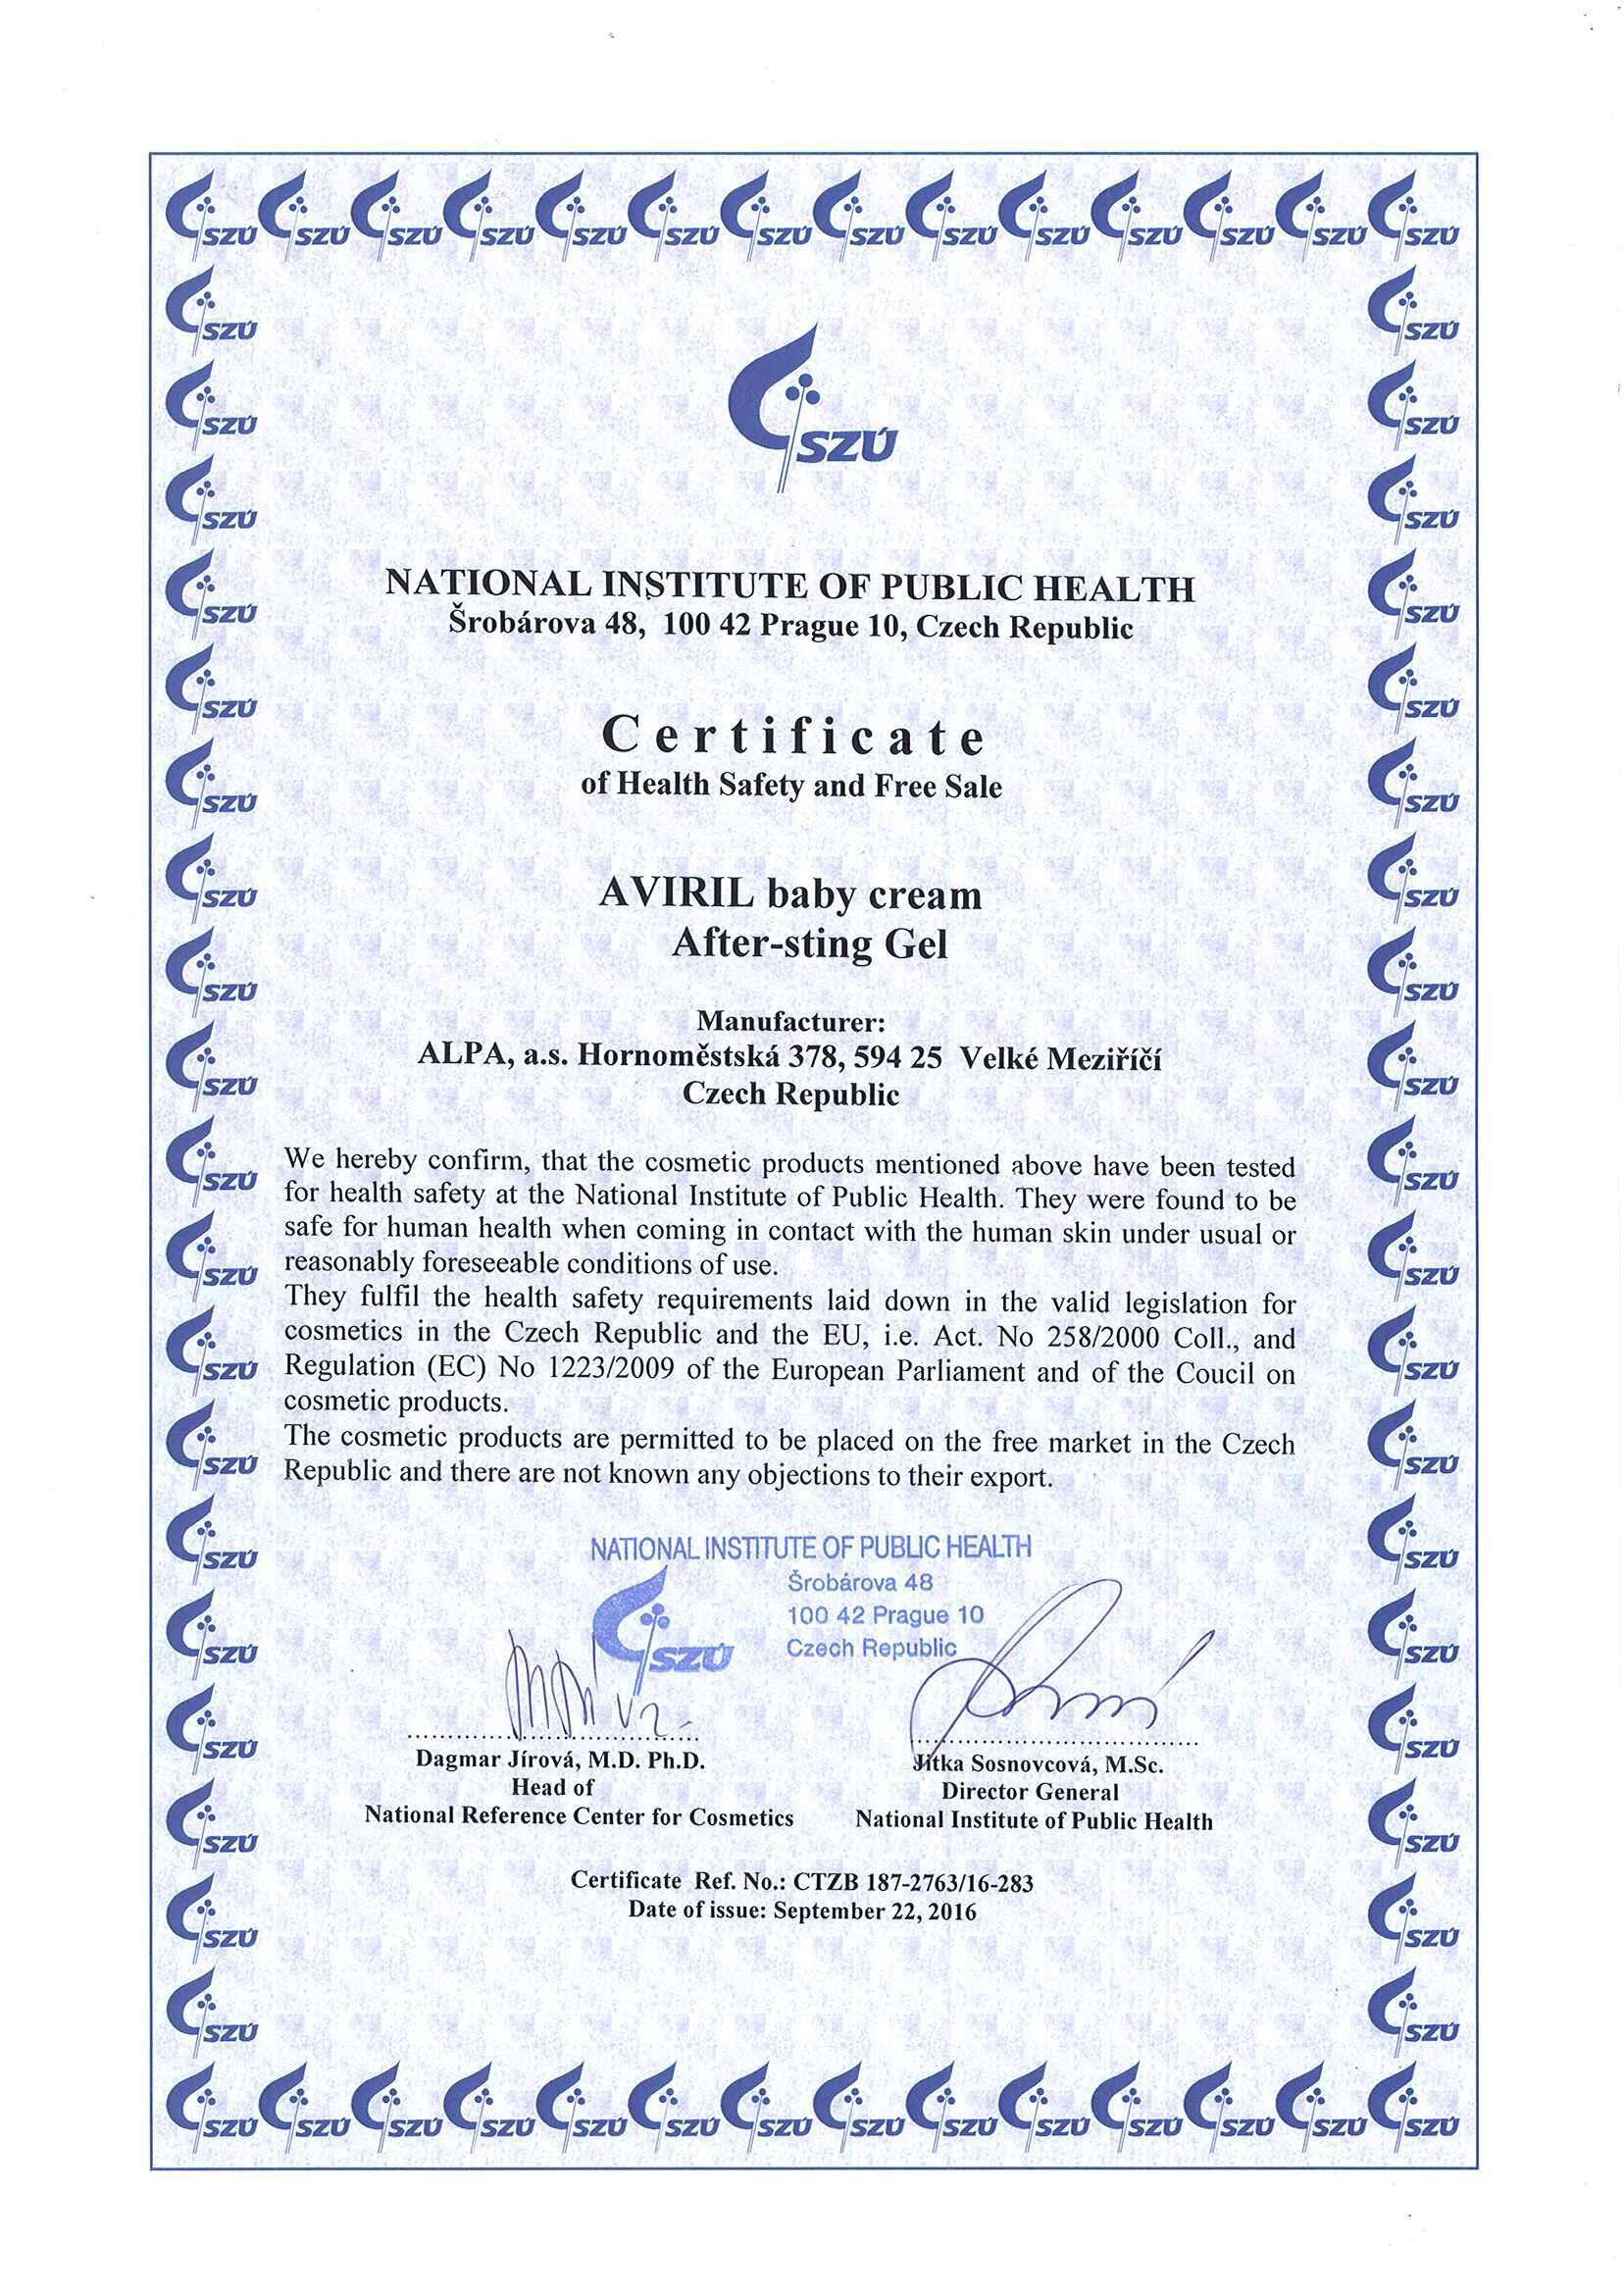 Chứng nhận an toàn và quyền lưu hành tự do đối với Aviril của ALPA